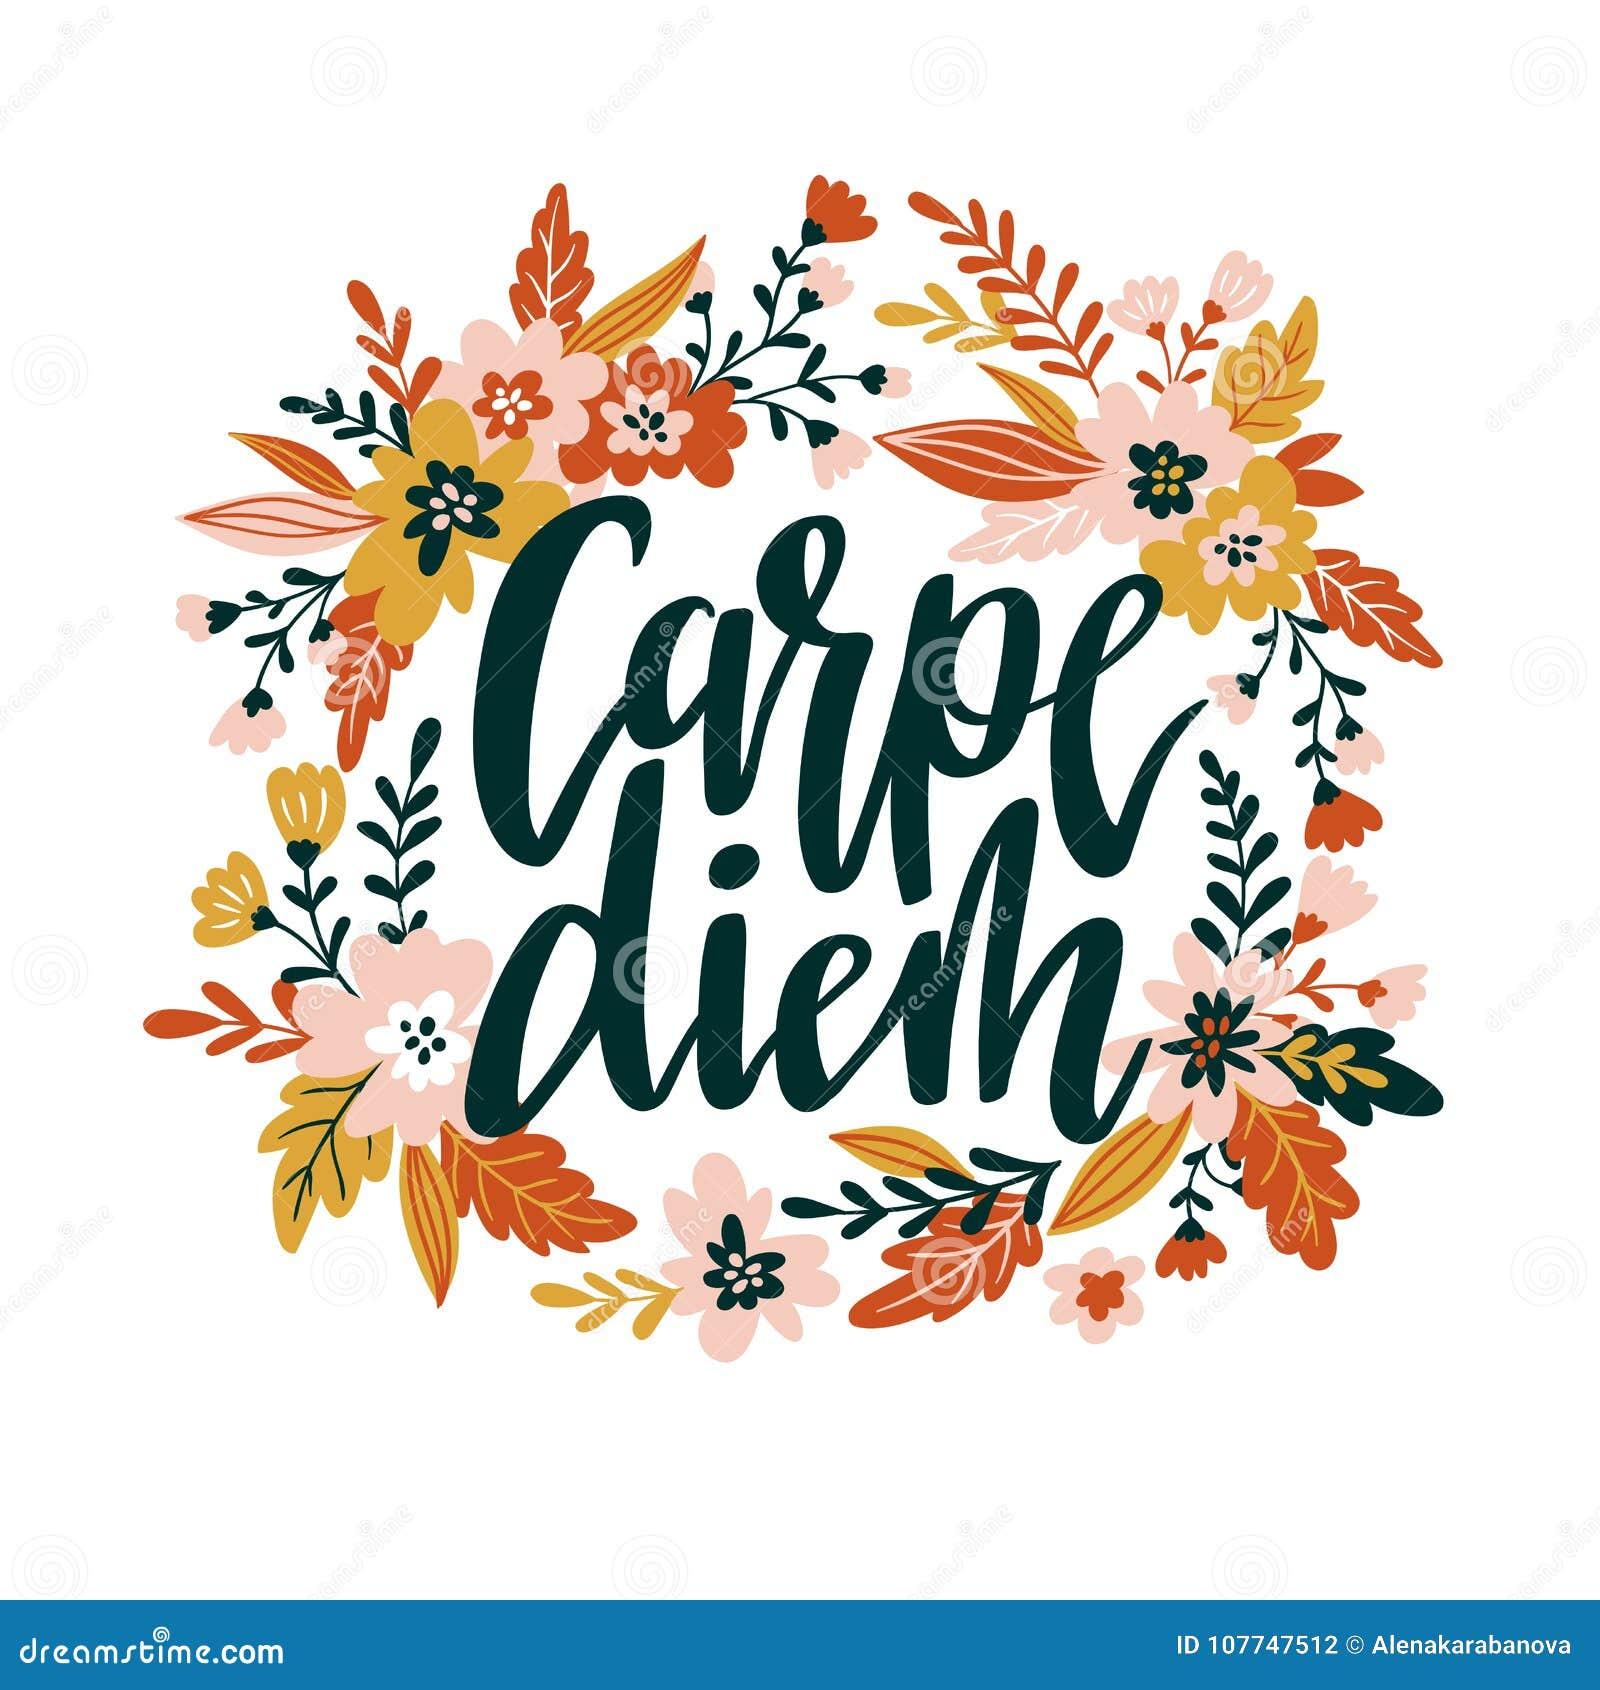 82bef033eff2 Θετικό απόσπασμα εγγραφής Carpe diem γραπτό χέρι εμπνευσμένη λατινική φράση  στο floral στεφάνι